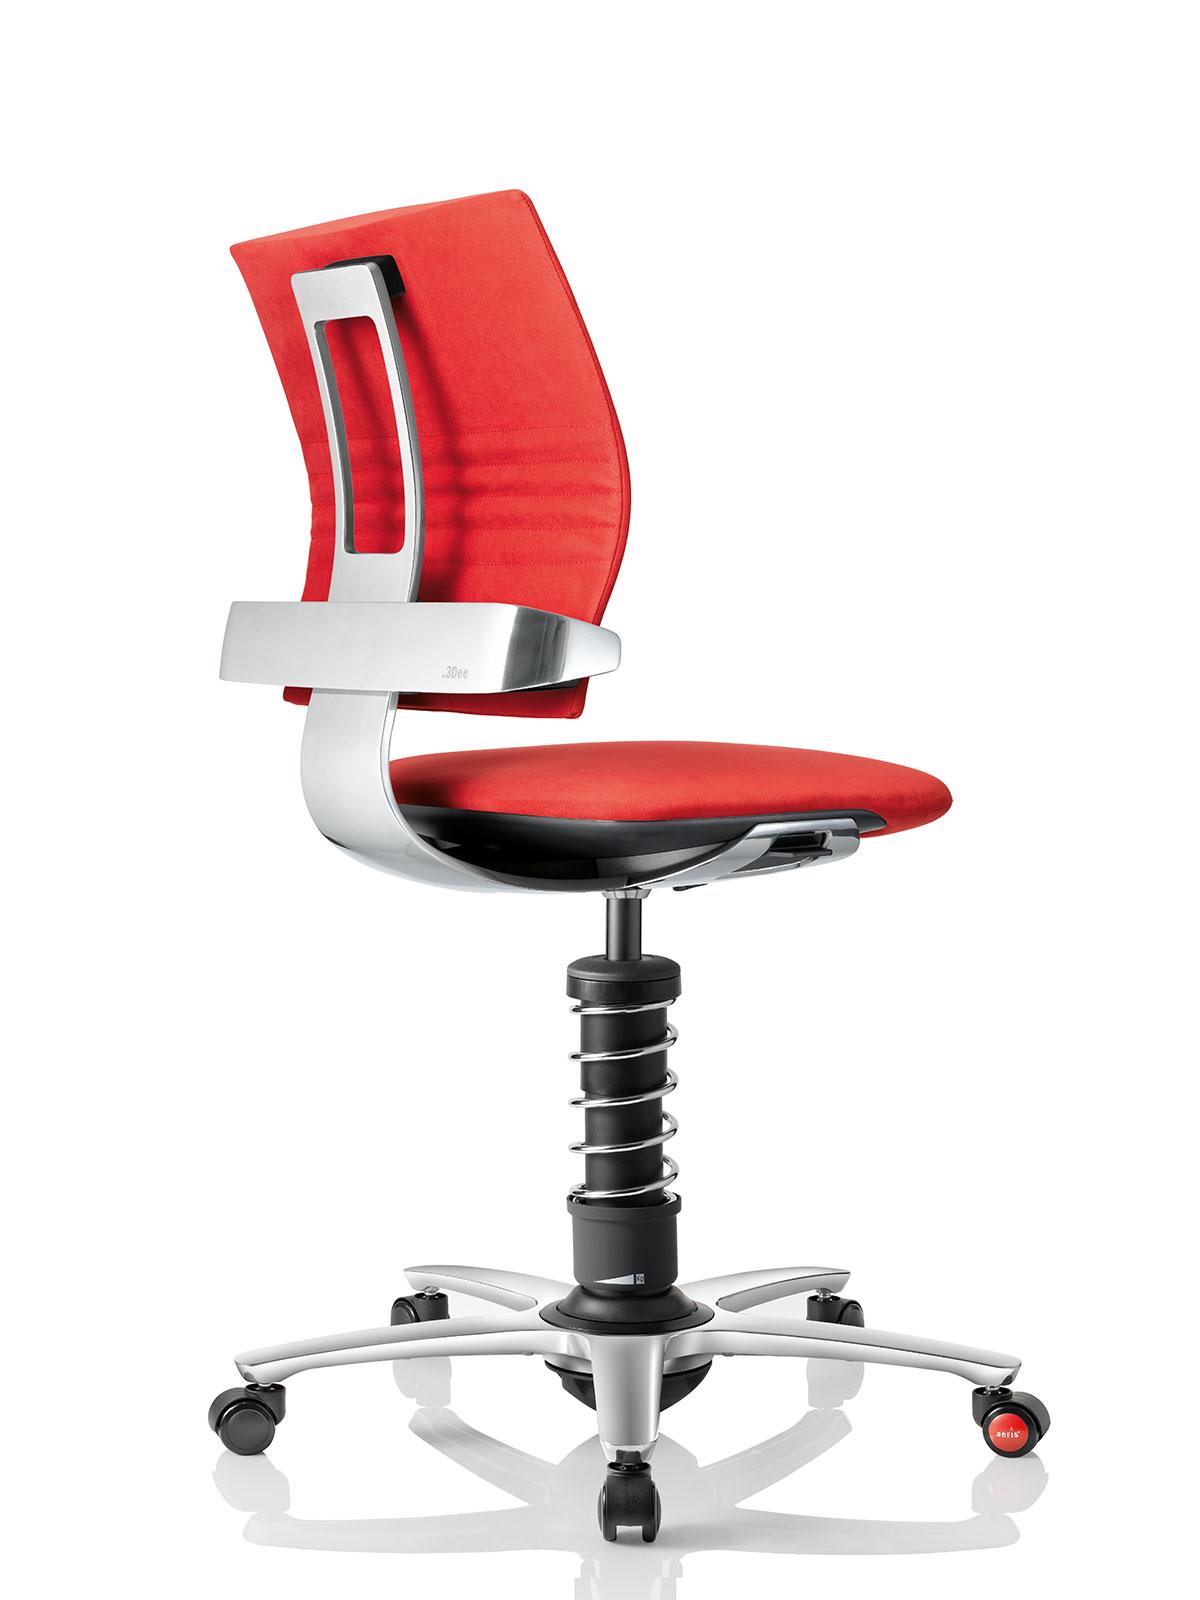 3dee la chaise de bureau ergonomique la plus innovante dans le monde. Black Bedroom Furniture Sets. Home Design Ideas